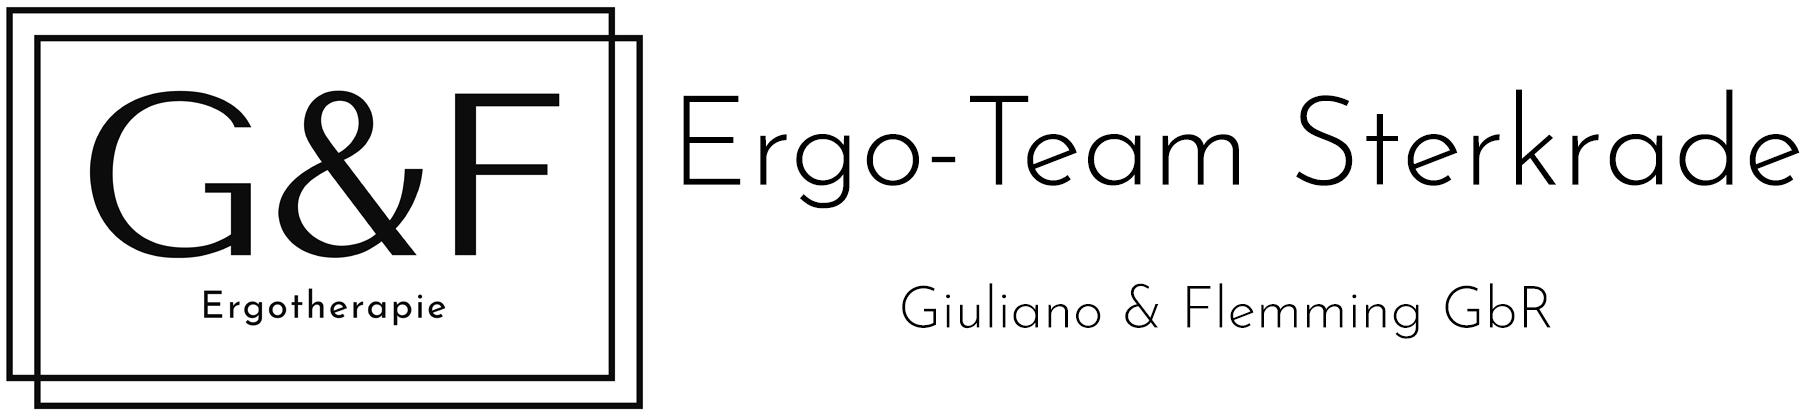 Ergo-Team Sterkrade